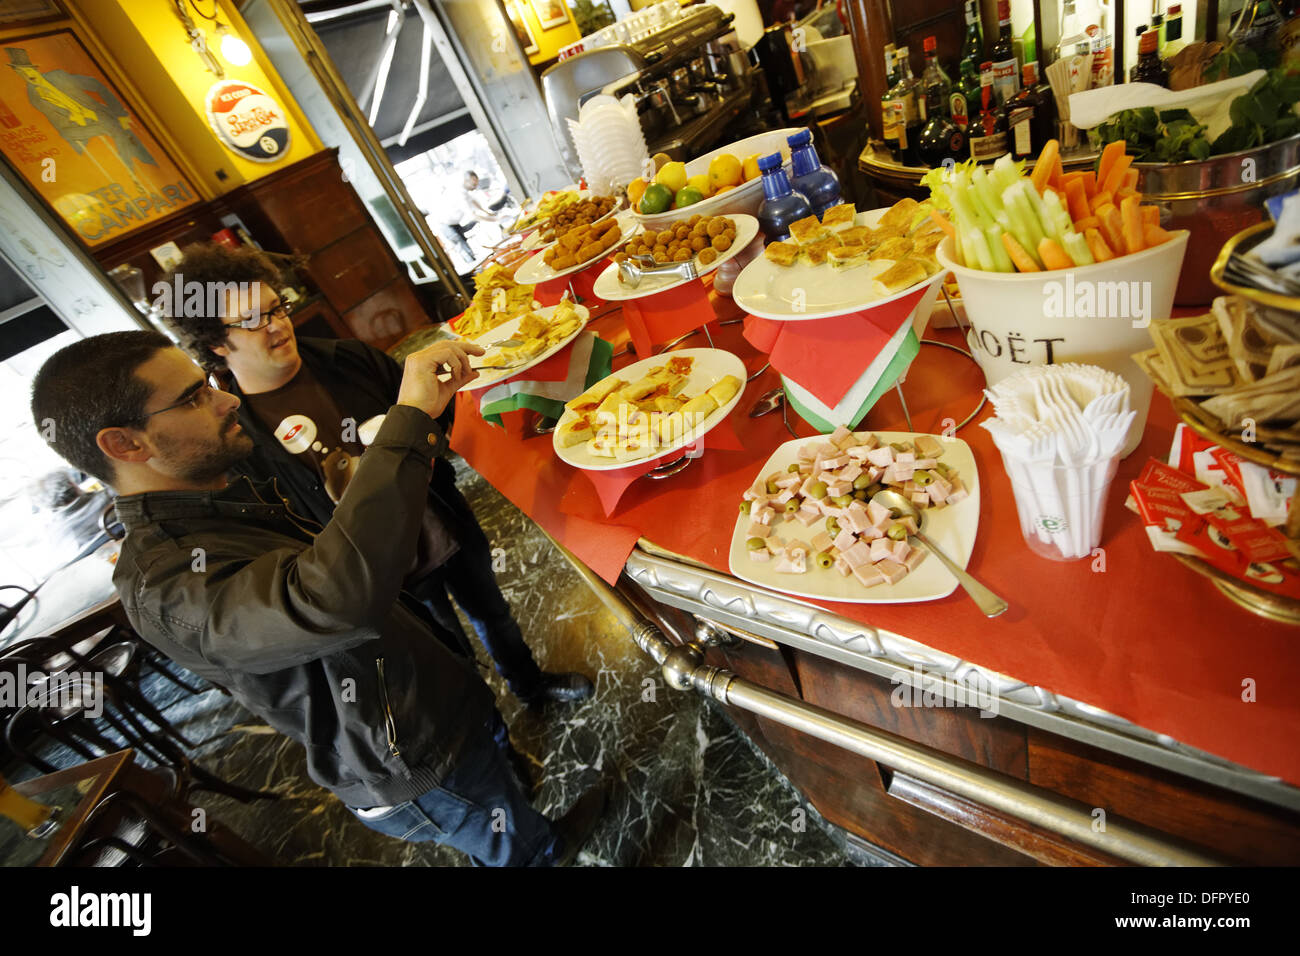 Italy, Lombardy, Milan, Bar Magenta, Aperitivo, - Stock Image